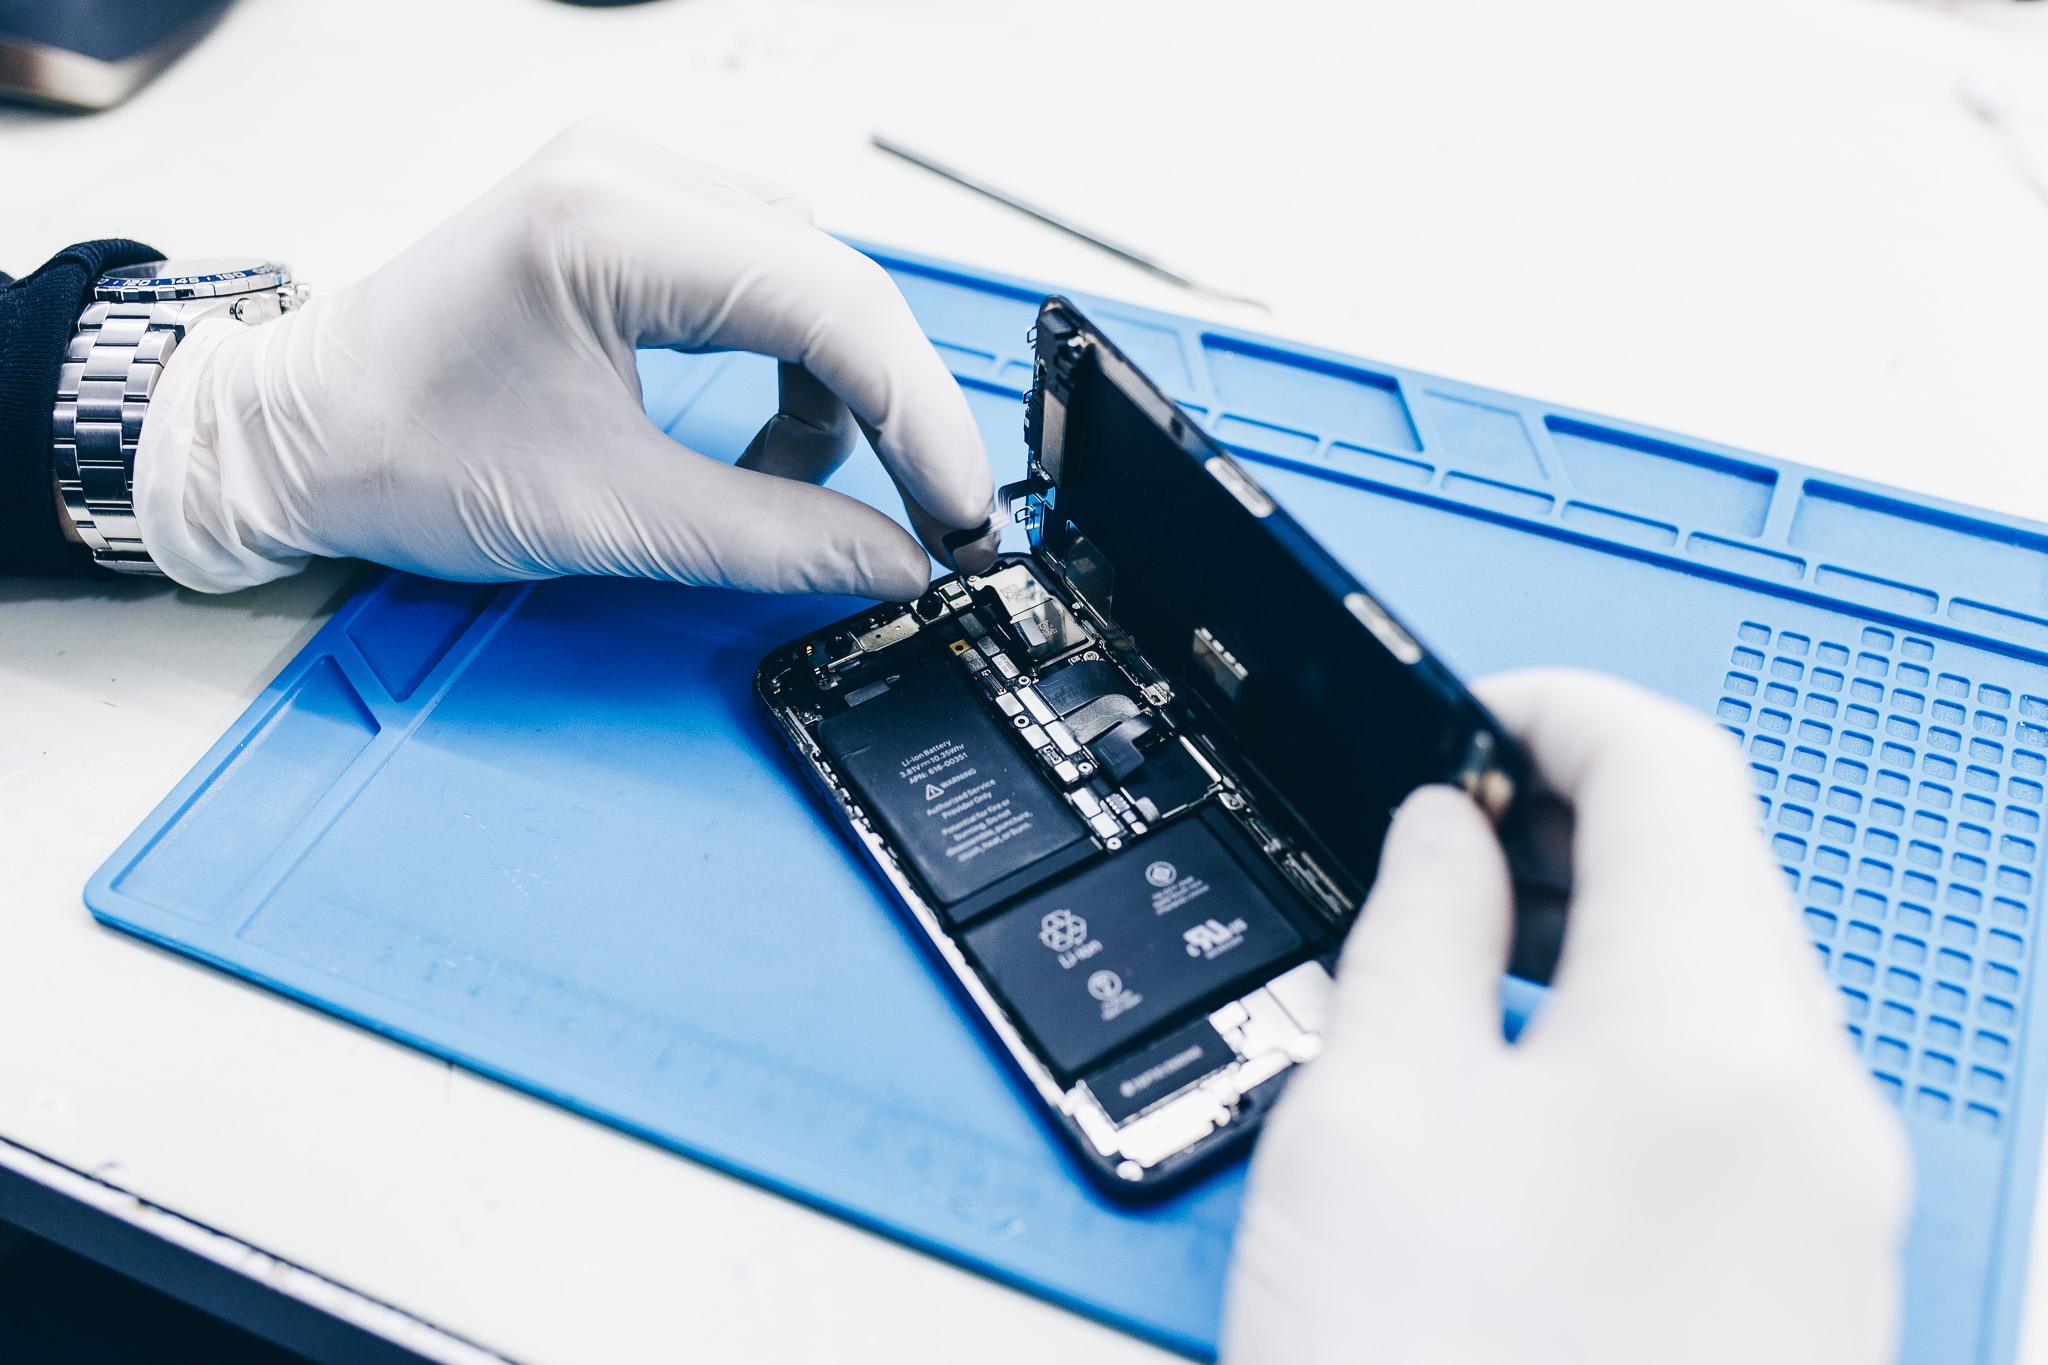 Čištění iPhone od specializovaného servisního technika Appleguru